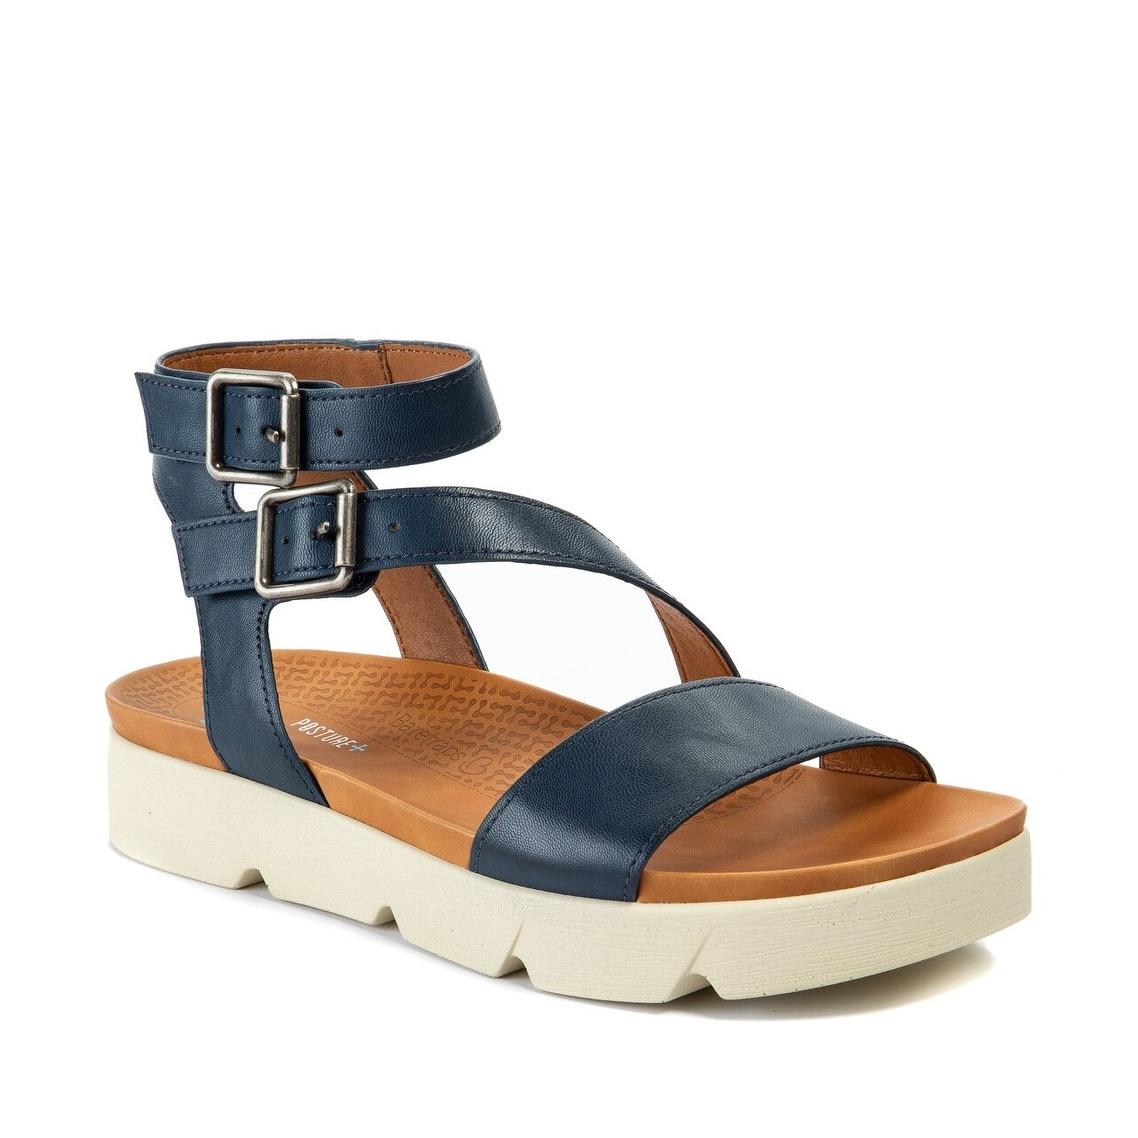 Baretraps Wavirly Women/'s Sandals Navy